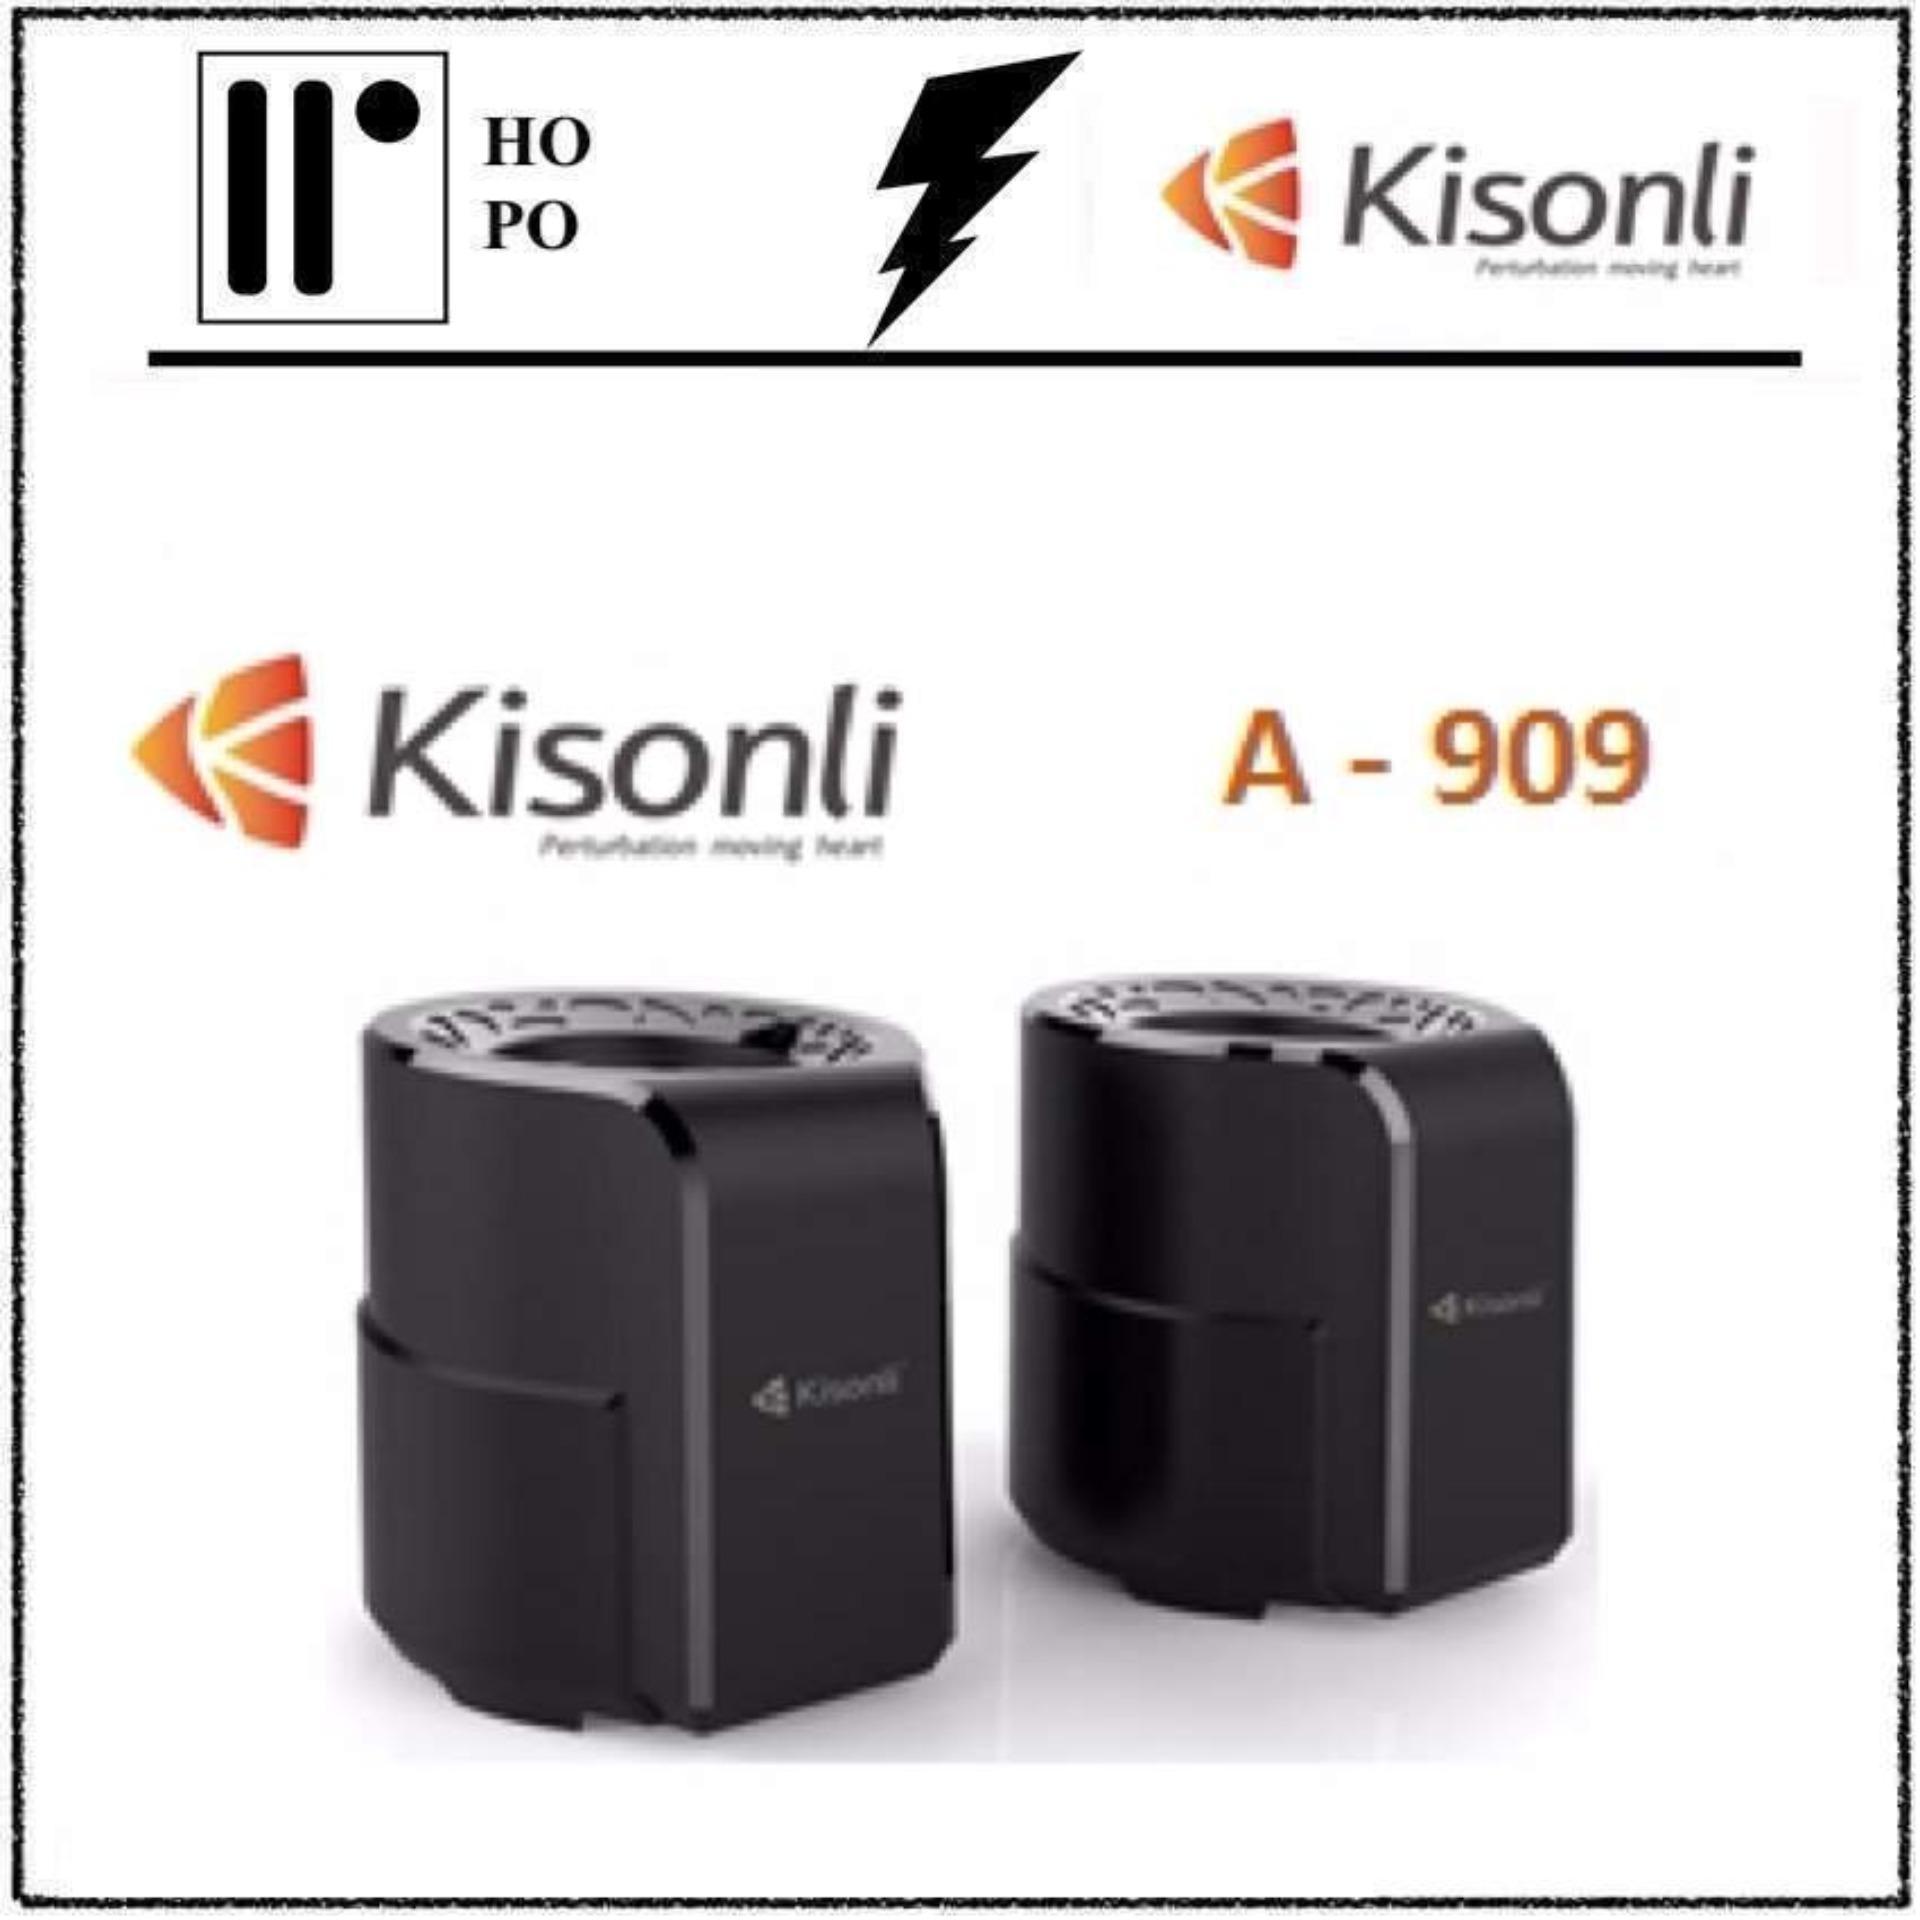 Loa Vi Tính Kisonli A-909 - BH 1 Đổi 1 - 10 tháng + 2